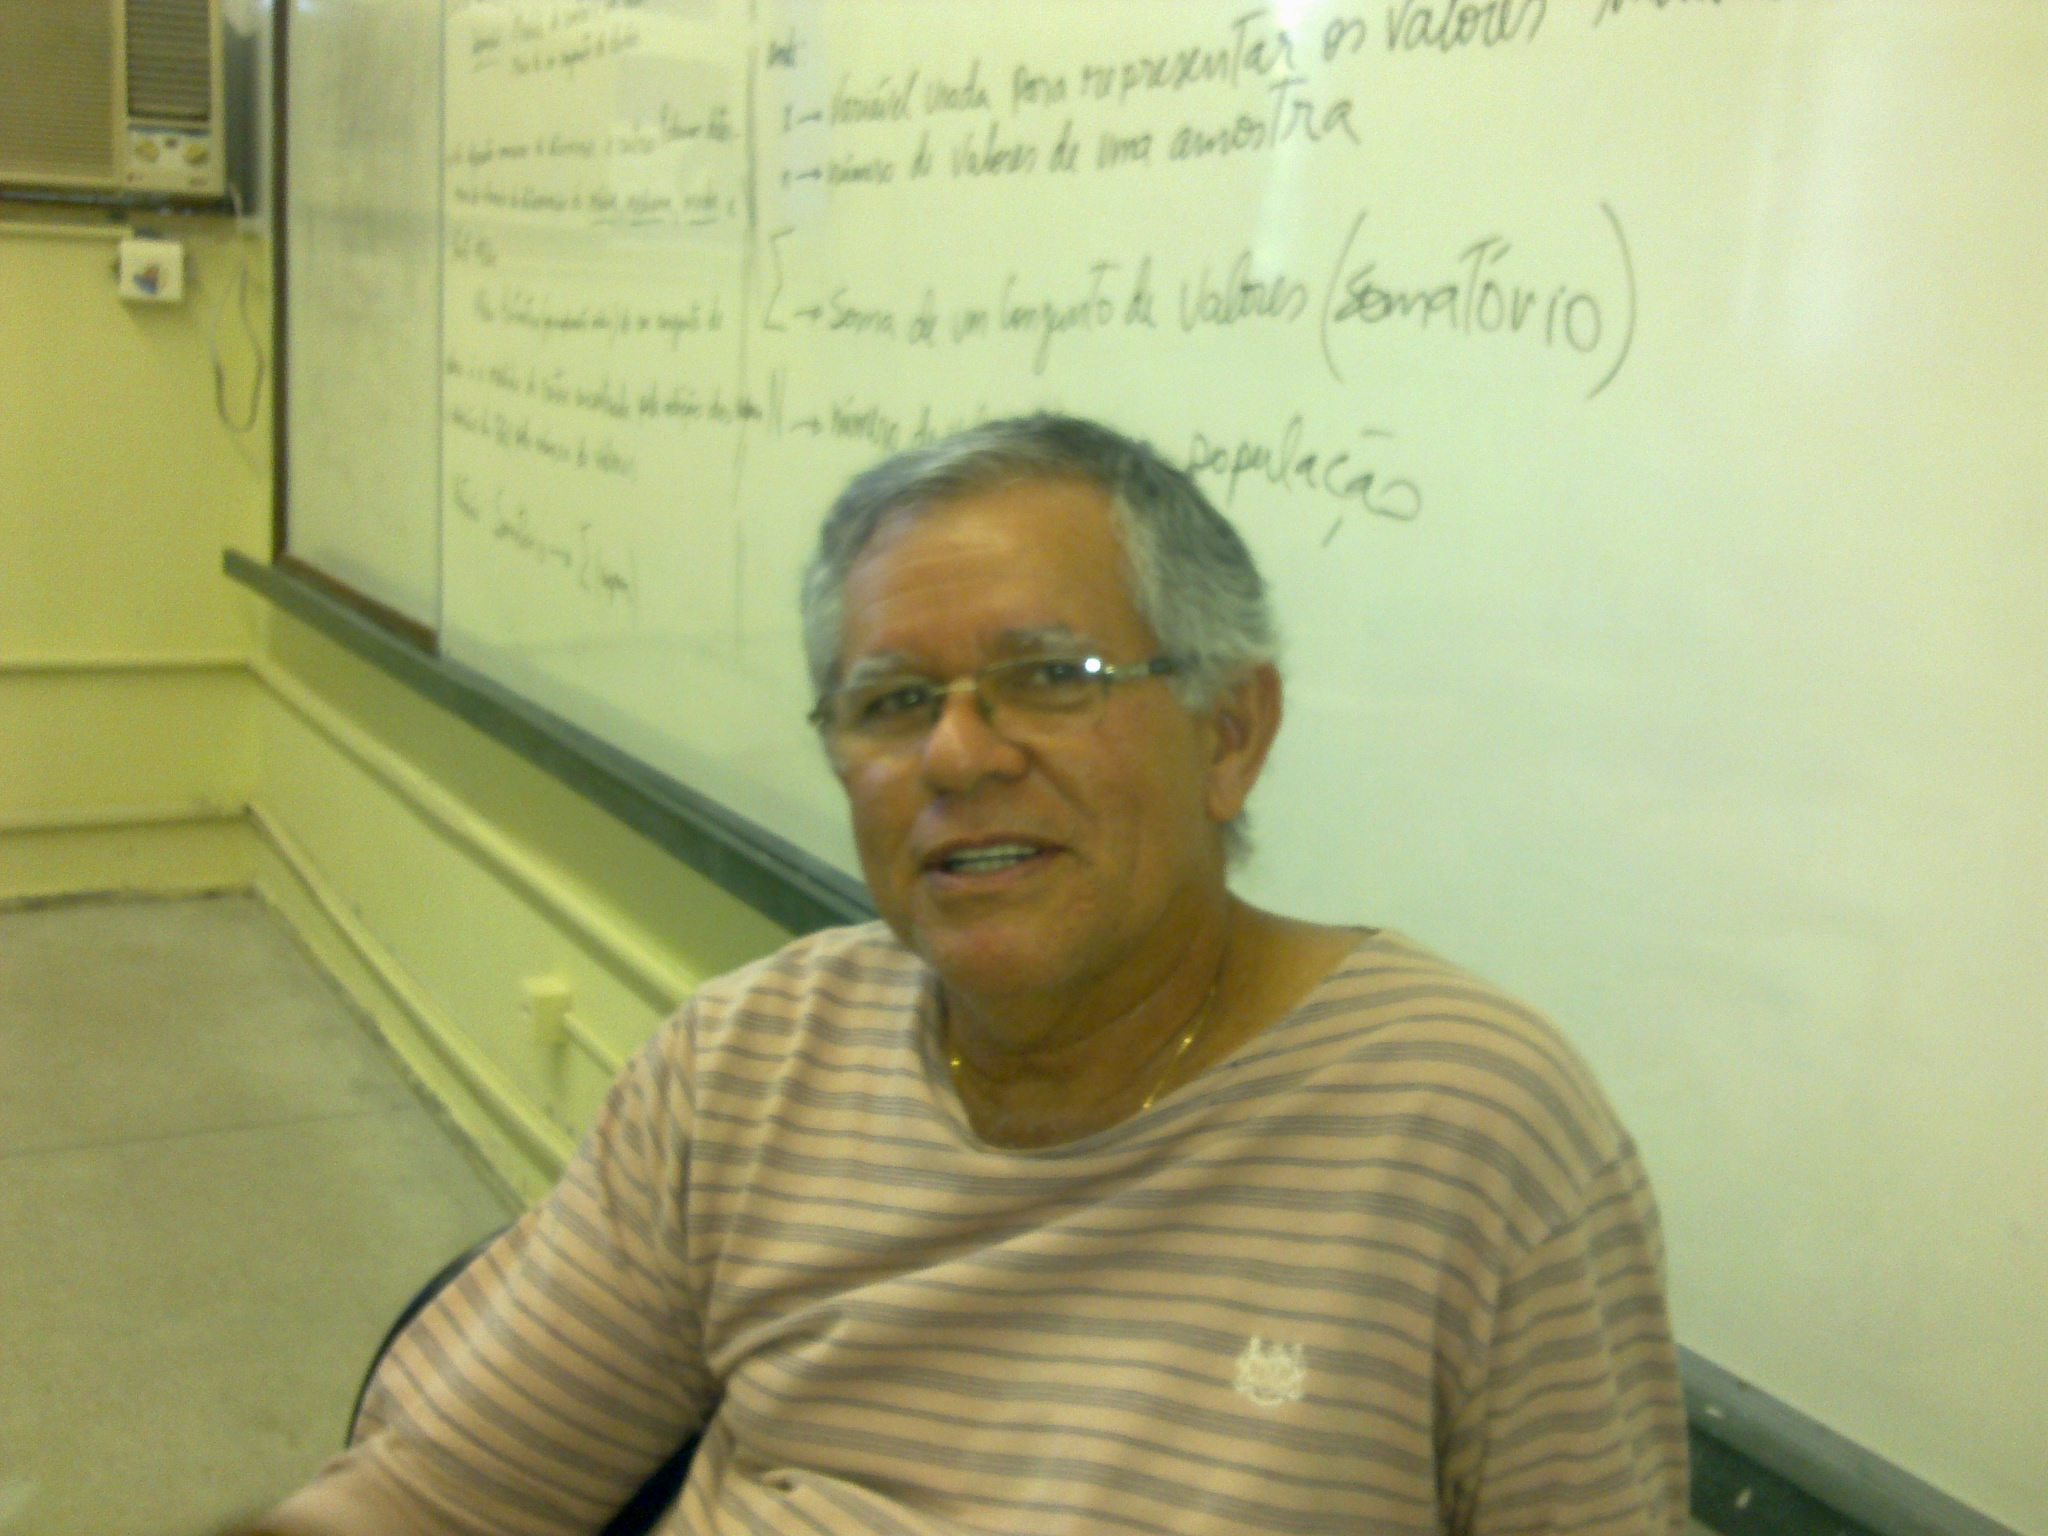 Disciplinas: Biometeorologia e Estatística I para meteorologistas (Mestrado em Meteorologia pela Universidade Federal de Alagoas)